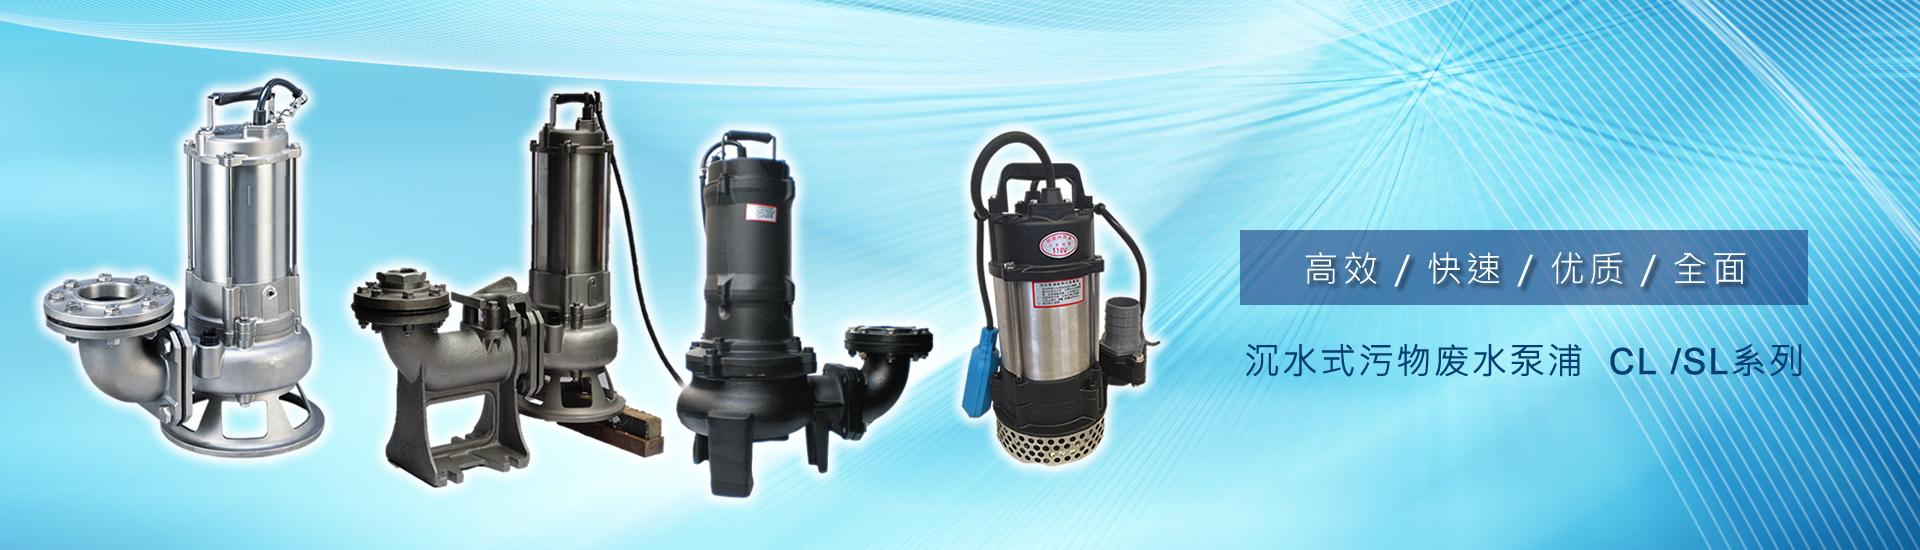 沉水式污物废水泵浦CL/SL系列